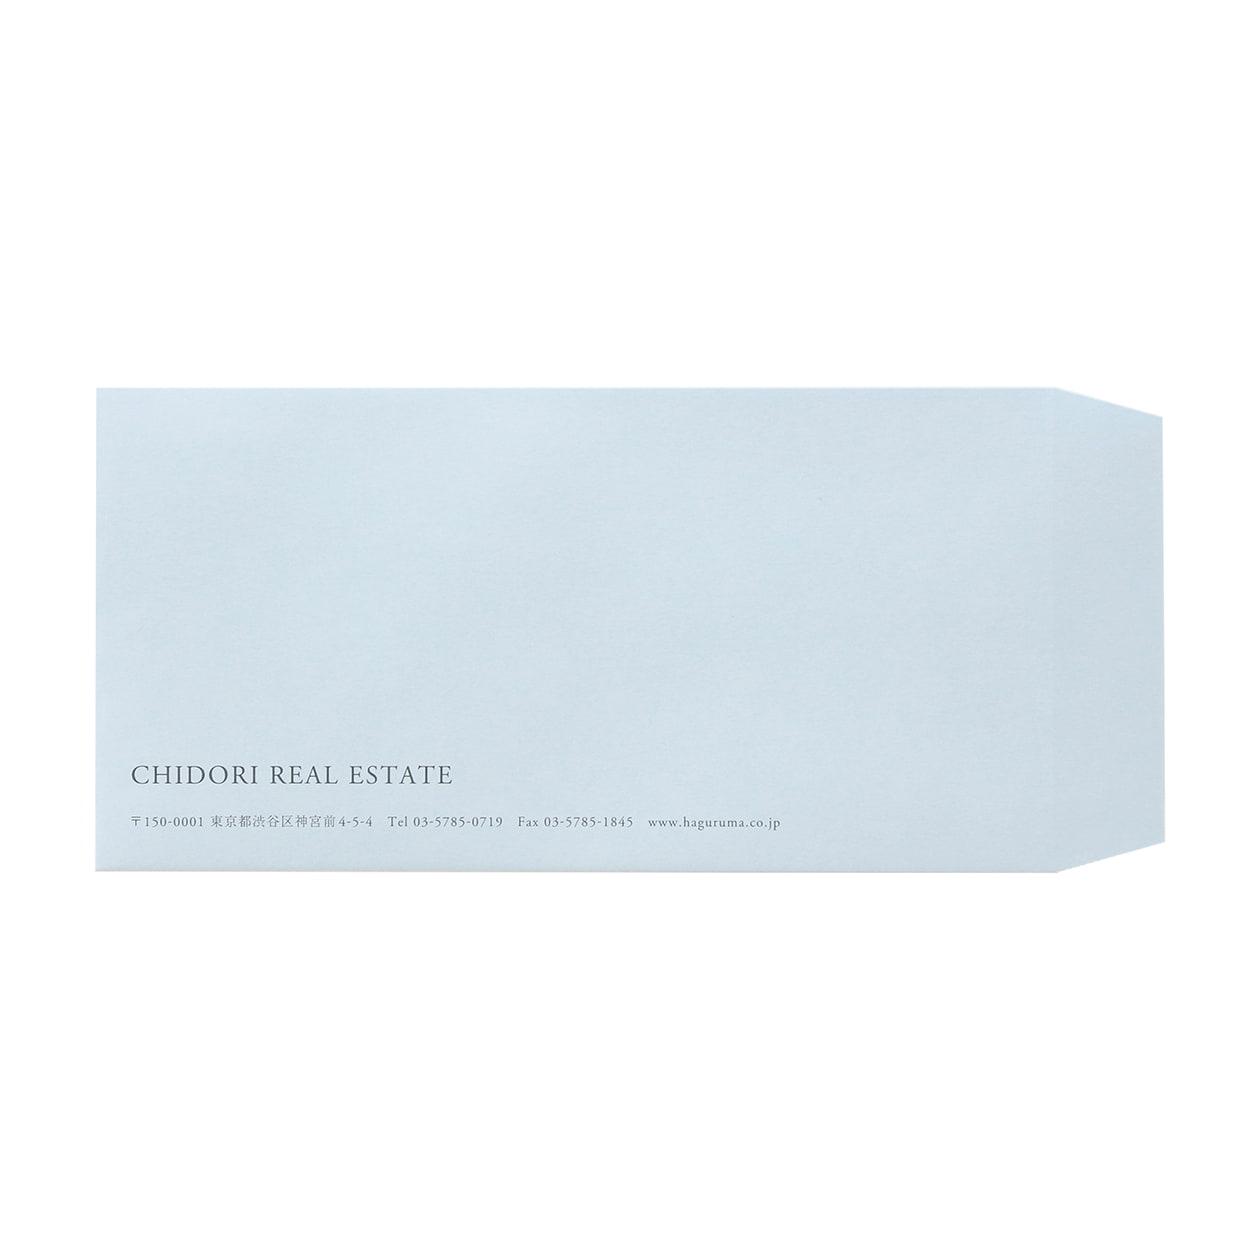 サンプル 封筒・袋 00042